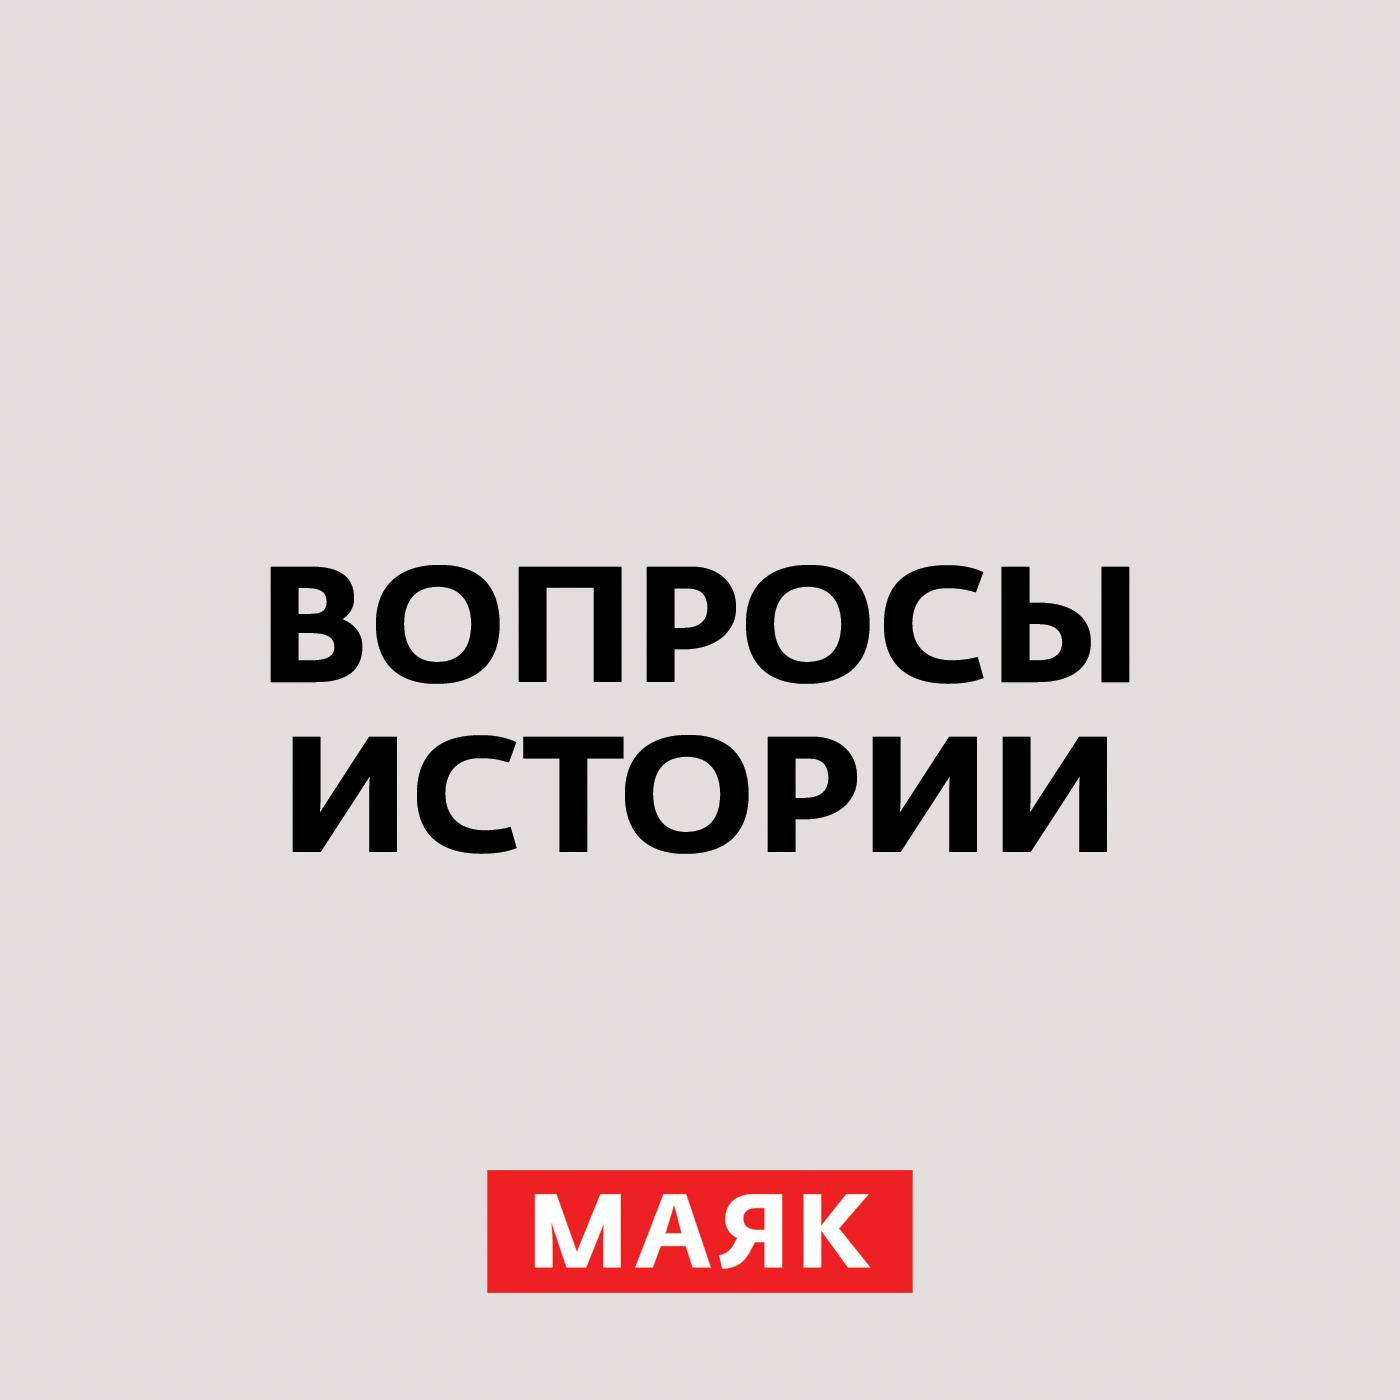 Андрей Светенко Октябрь 41-го года: паника в Москве. Часть 2 meladerm купить в москве